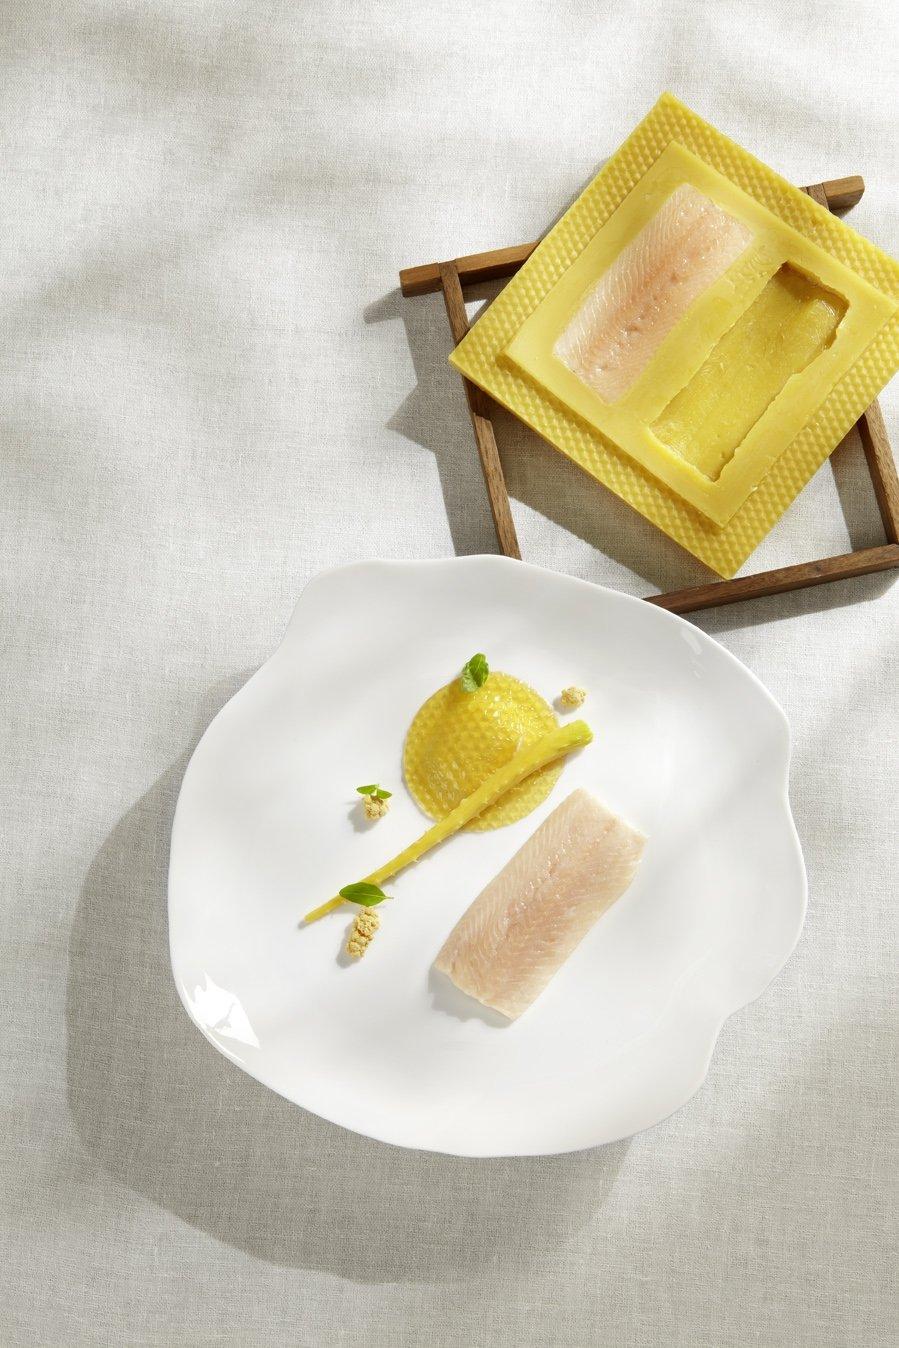 Receta de pescado y pasta en el restaurante Steirereck